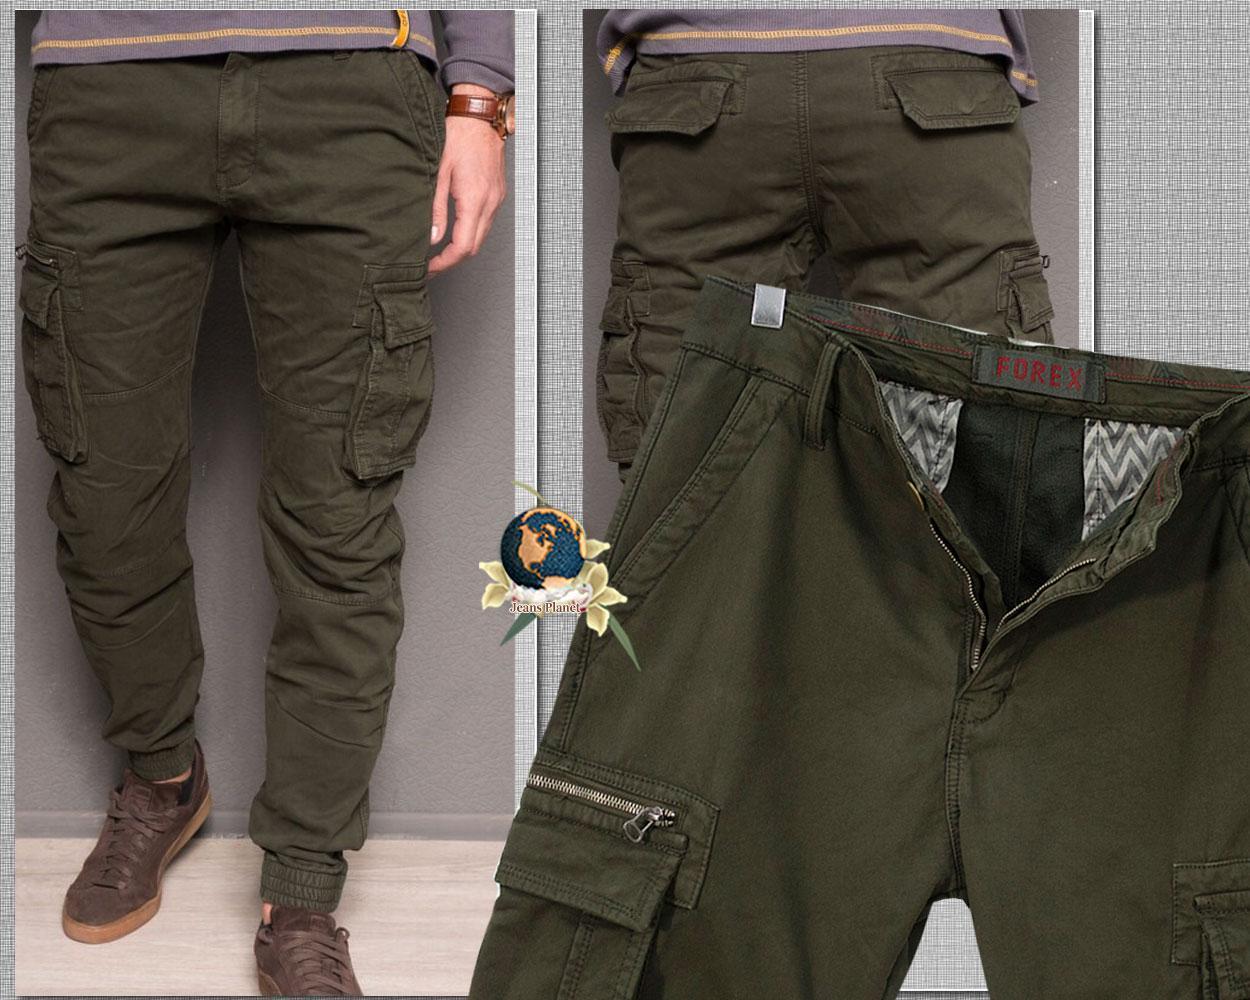 Джинсы мужские зимние карго с карманами зелёные хаки на резинке 40 размер